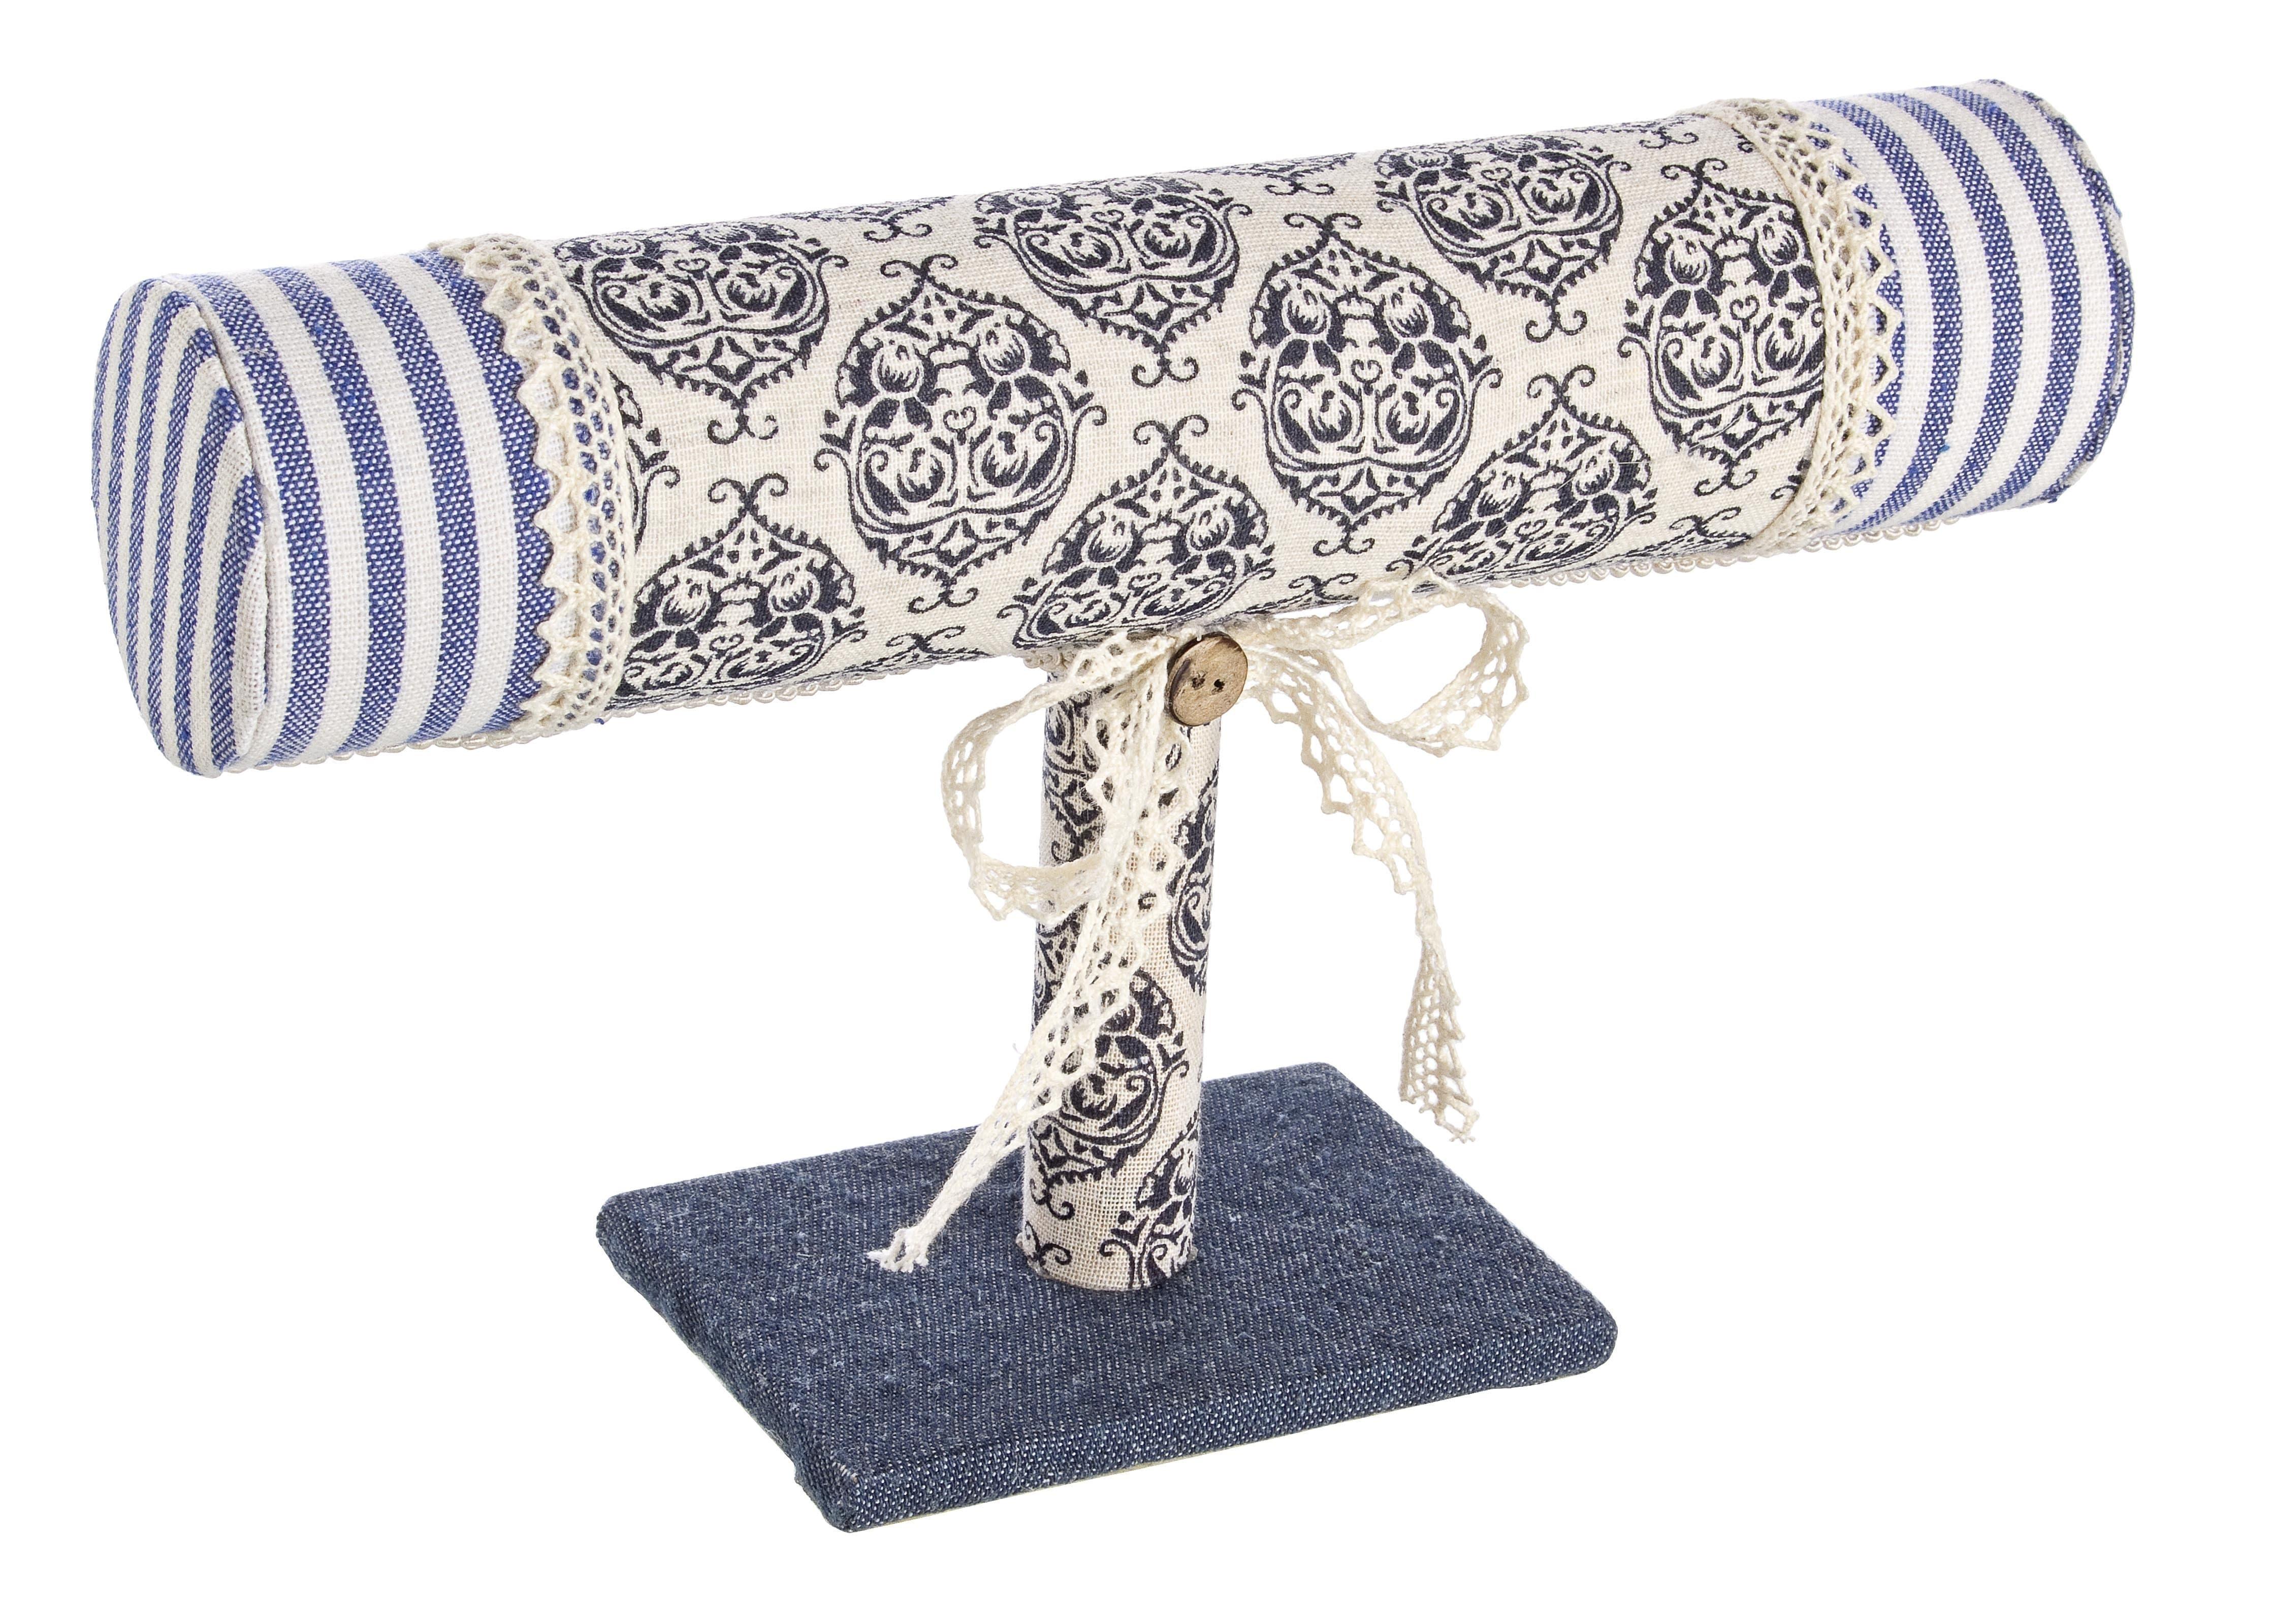 Suport bijuterii din MDF si material textil Retro Albastru / Alb, l23xA7xH15 cm